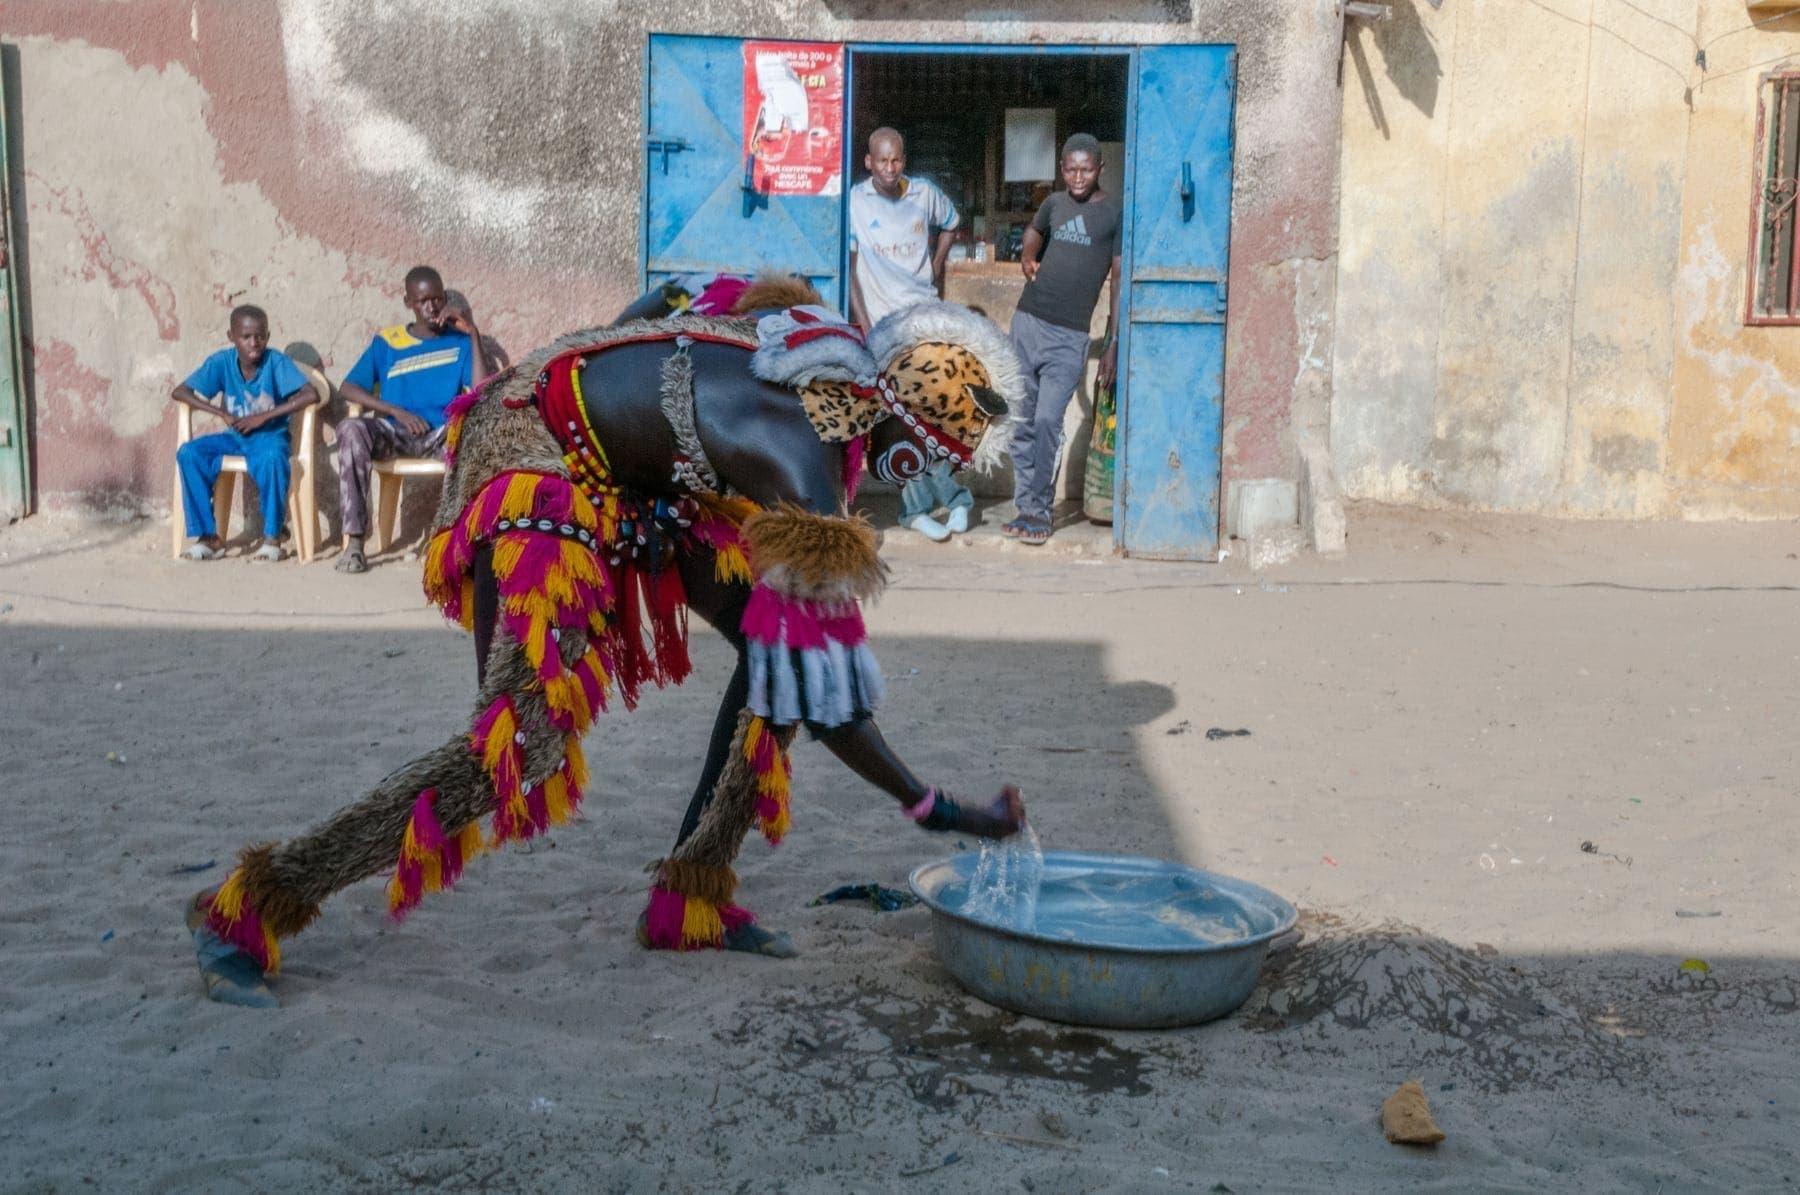 MichelAycaguer-LeSimb-LeFauxLion-SaintLouis-Senegal-90